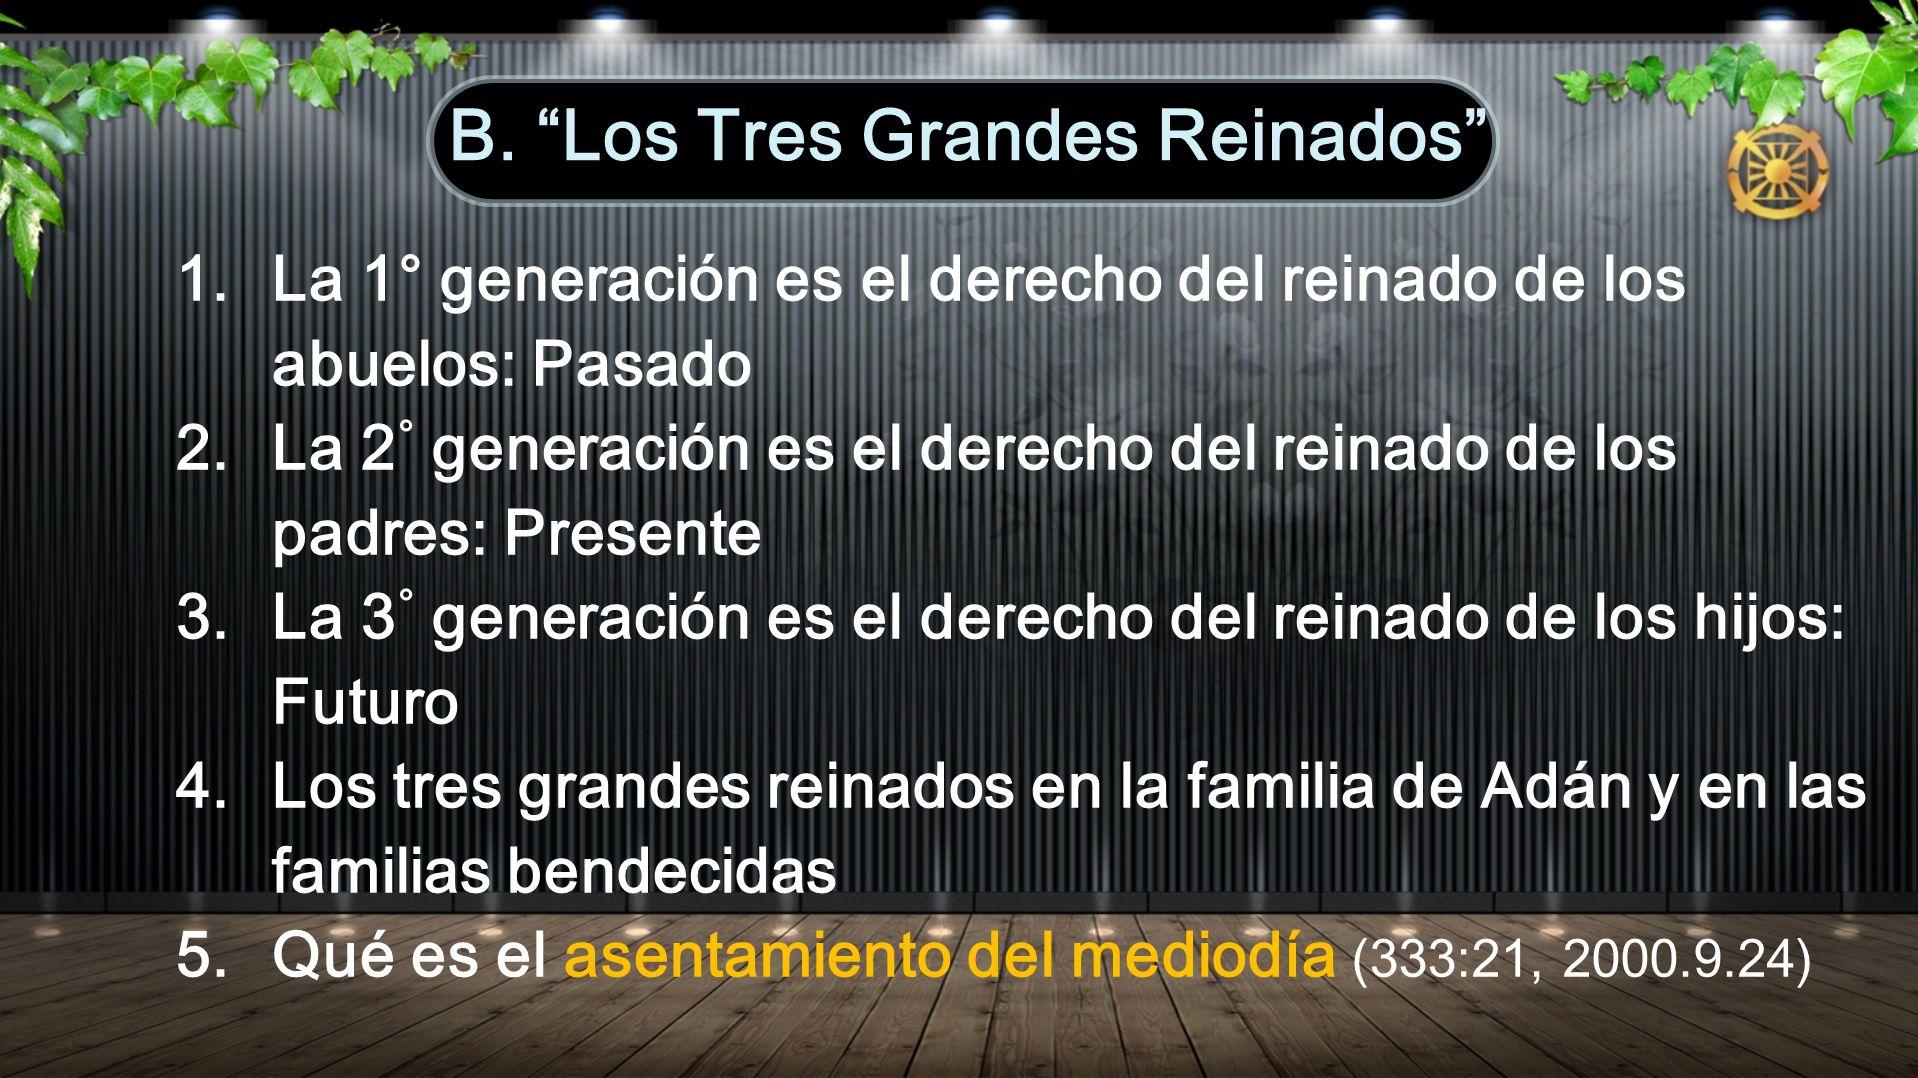 1.La 1 ° generación es el derecho del reinado de los abuelos: Pasado 2.La 2 ° generación es el derecho del reinado de los padres: Presente 3.La 3 ° generación es el derecho del reinado de los hijos: Futuro 4.Los tres grandes reinados en la familia de Adán y en las familias bendecidas 5.Qué es el asentamiento del mediodía (333:21, 2000.9.24) B.